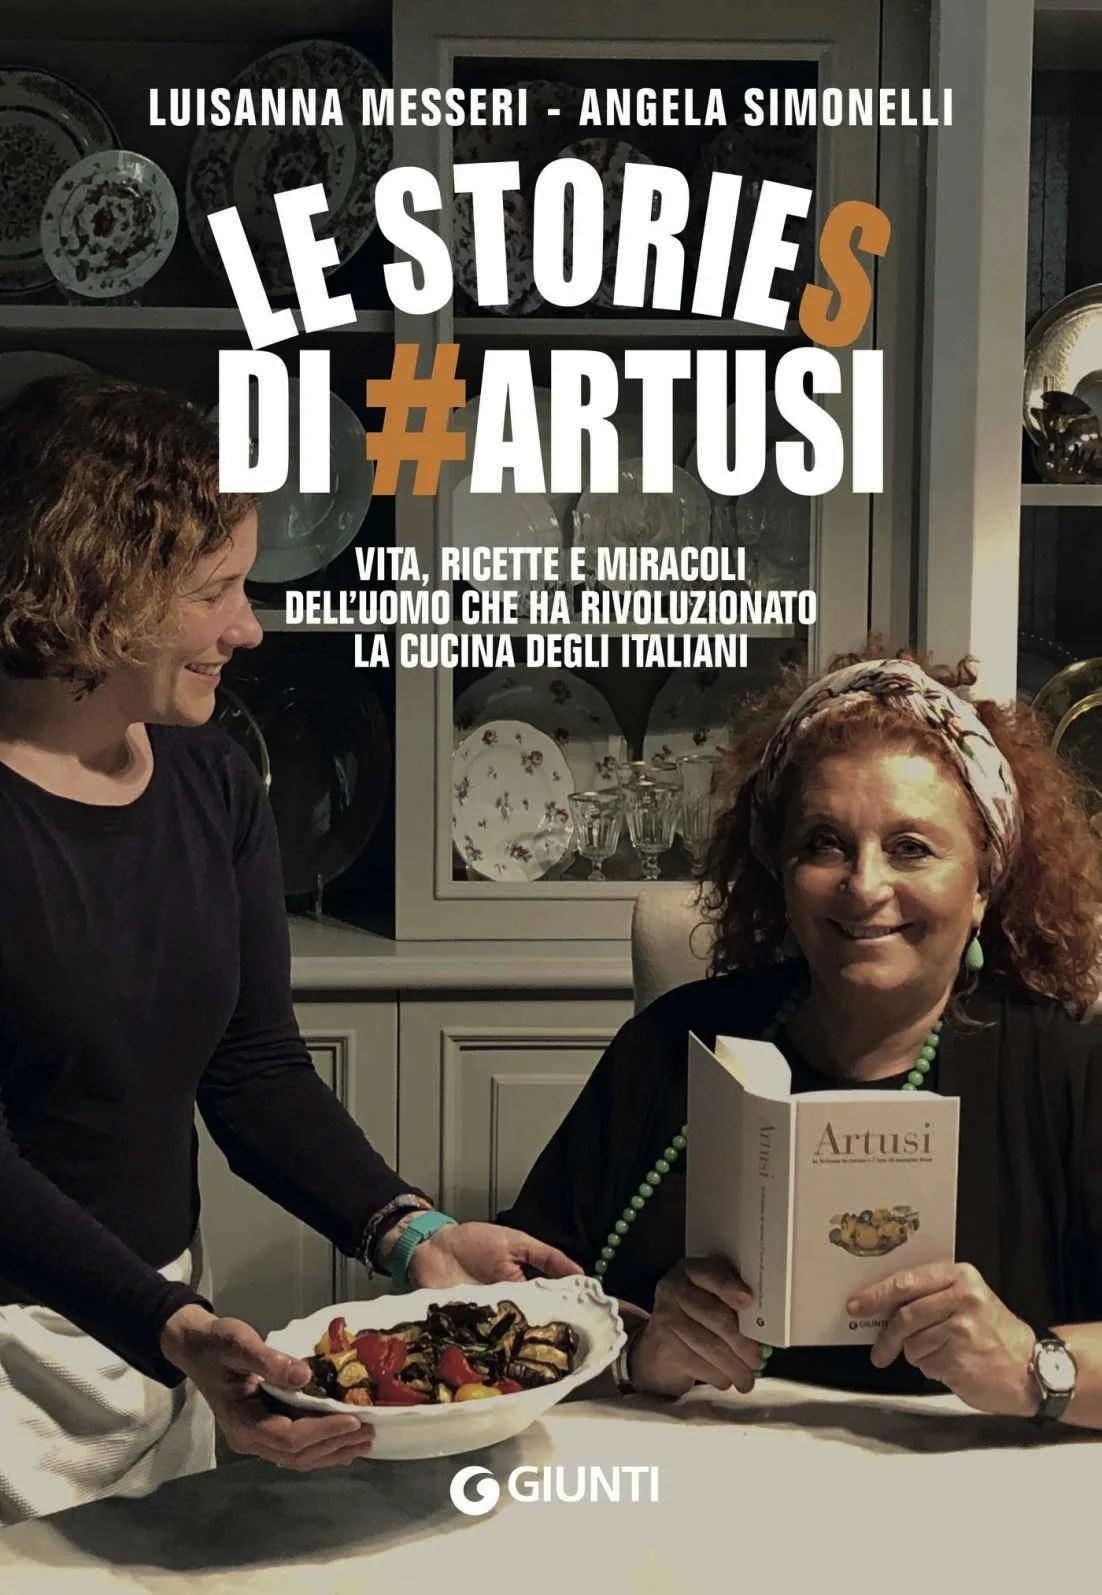 Recensione di Le Stories Di #Artusi – L. Messeri – A. Simonelli